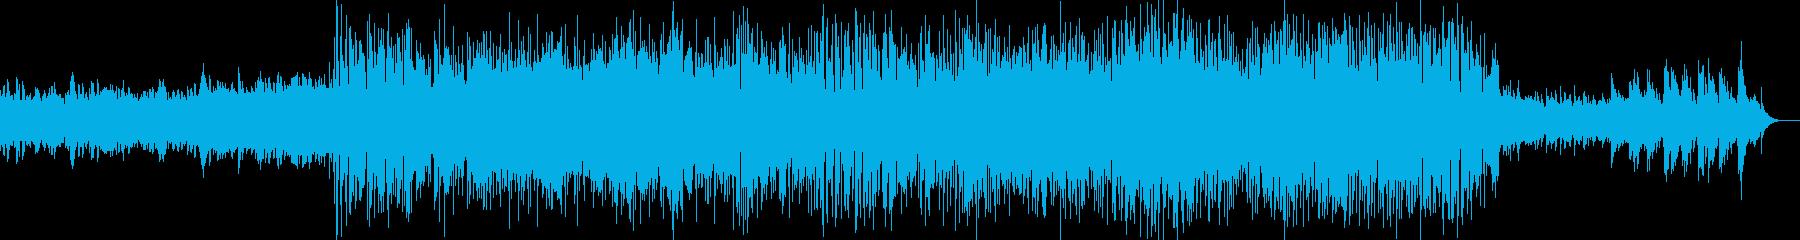 ピアノベースのポップロック。アップ...の再生済みの波形